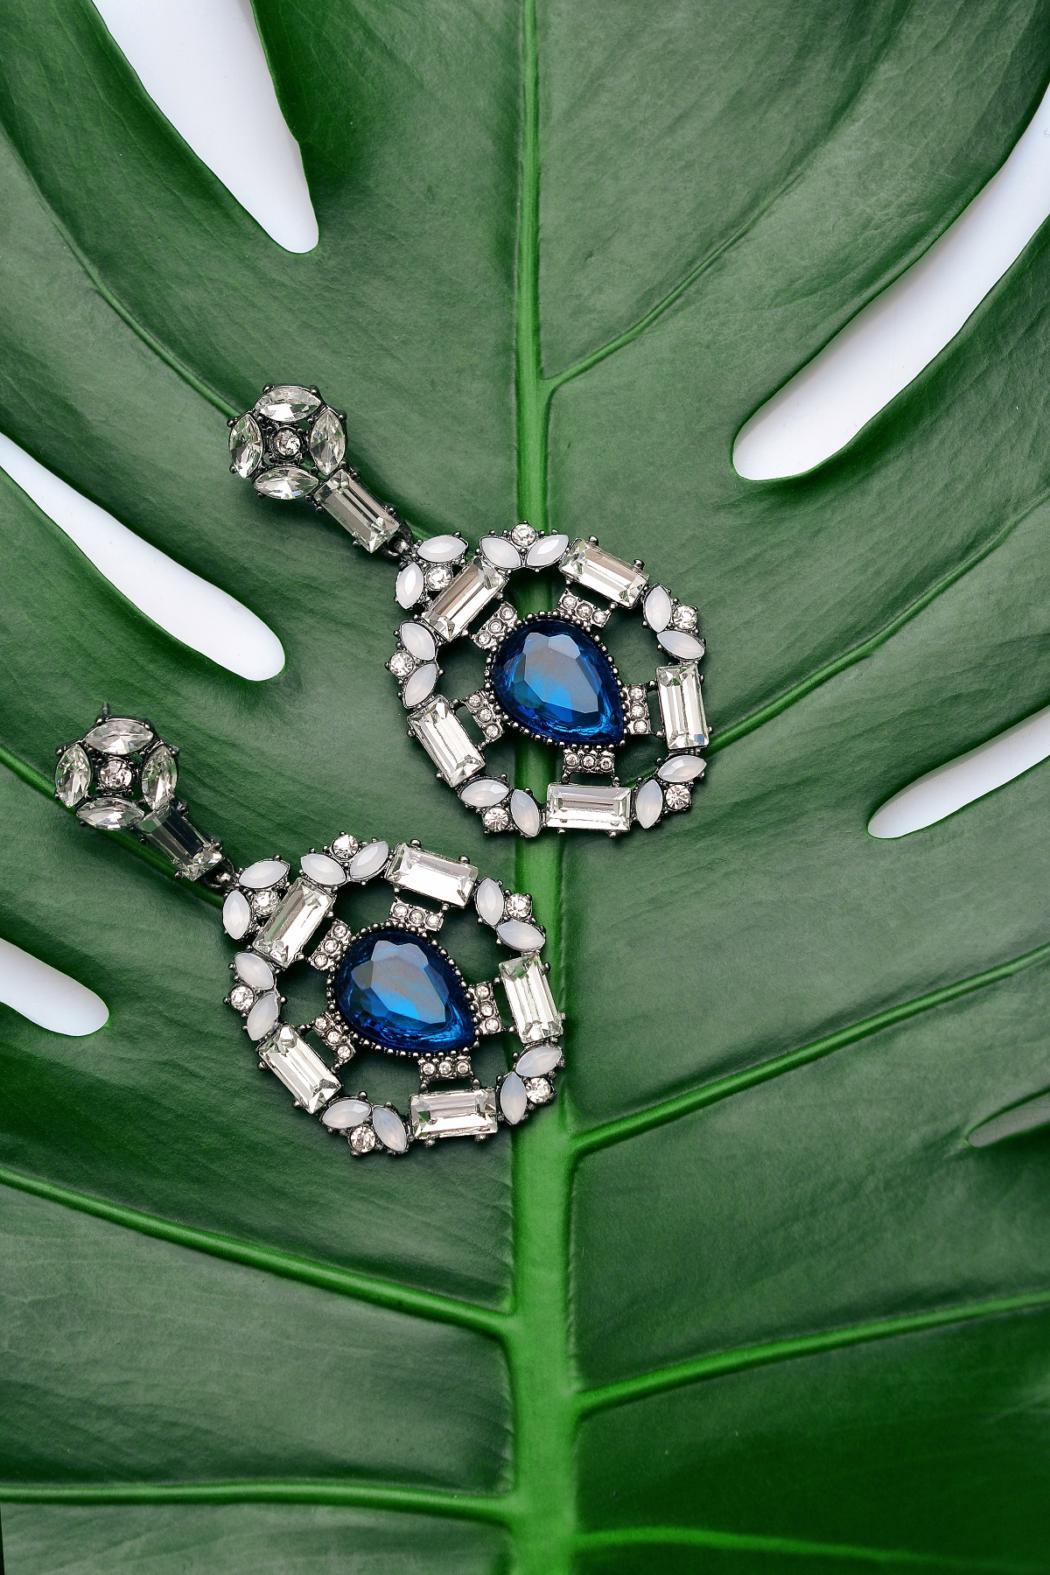 magazynkobiet.pl - ba6355c50fa42d92429a7717a350f4e0 1050x1575 - Modna biżuteria - gdzie kupić i na co zwrócić uwagę?